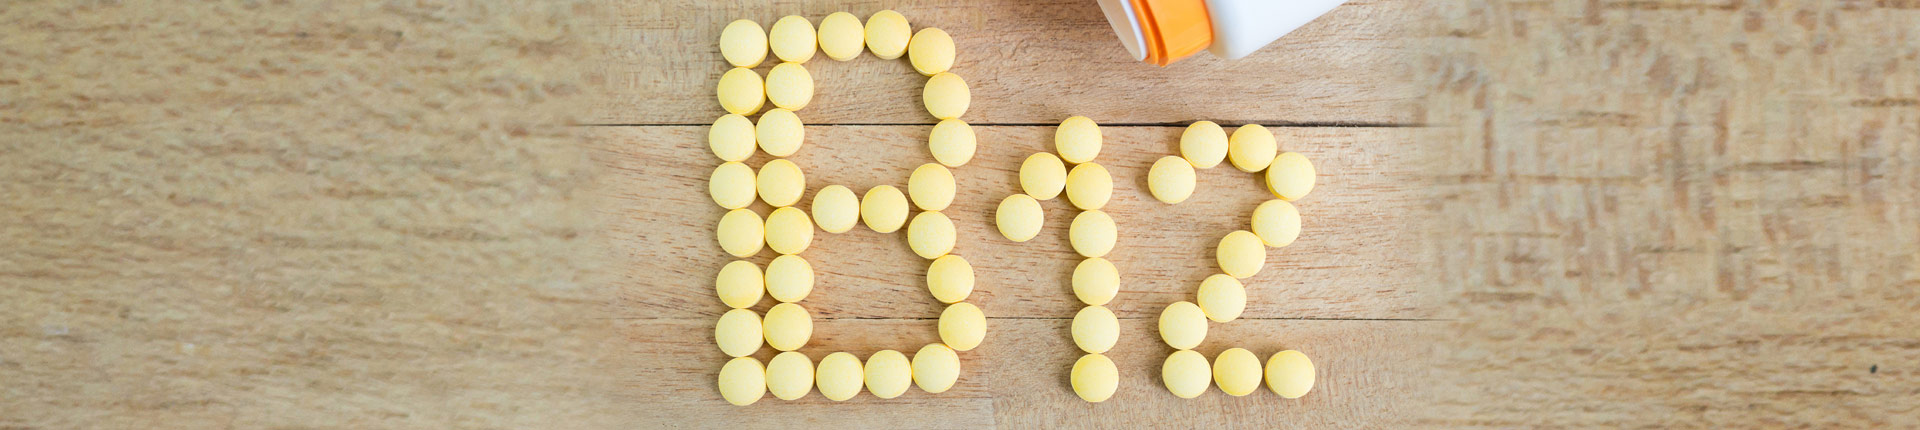 Niedobory witaminy B12: realne czy mityczne?